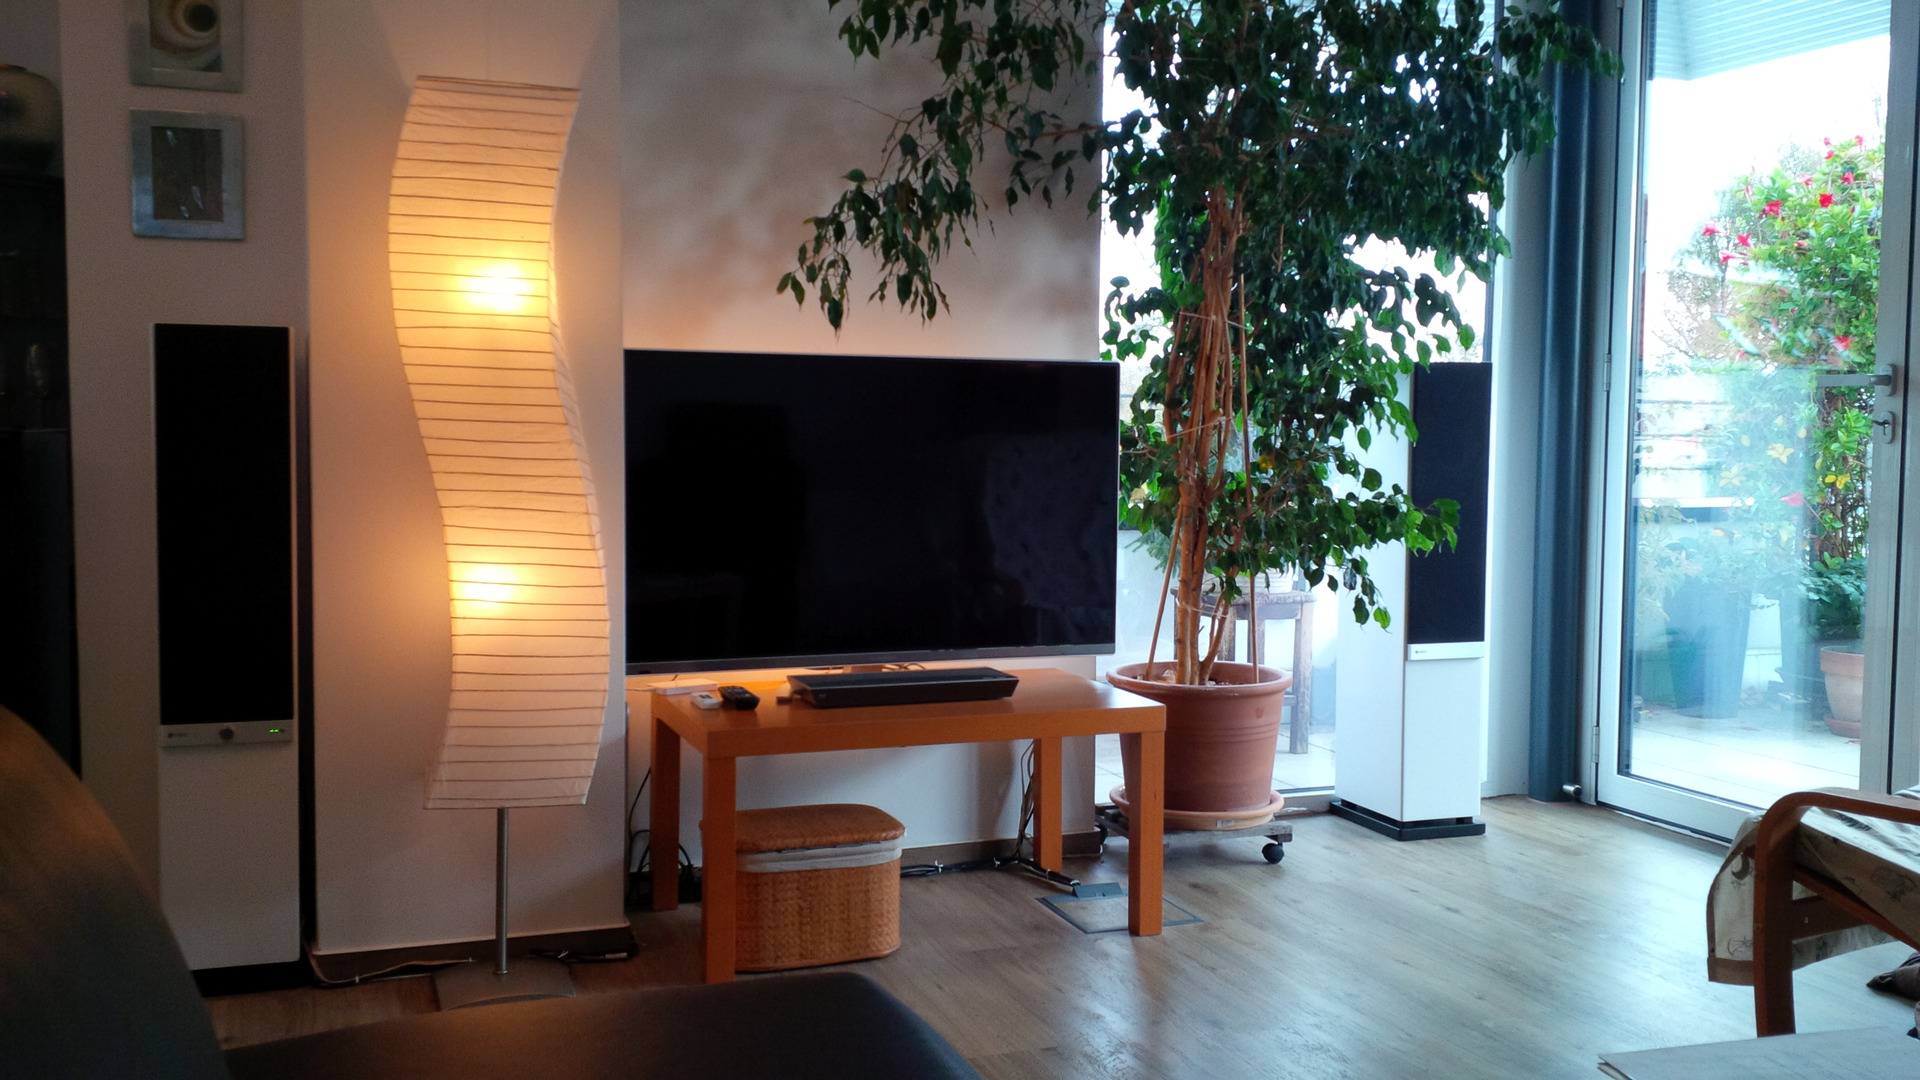 Raumfeld stereo l 2 multiroom raumfeld standlautsprecher stereo streaming hifi - Audio anlage wohnzimmer ...